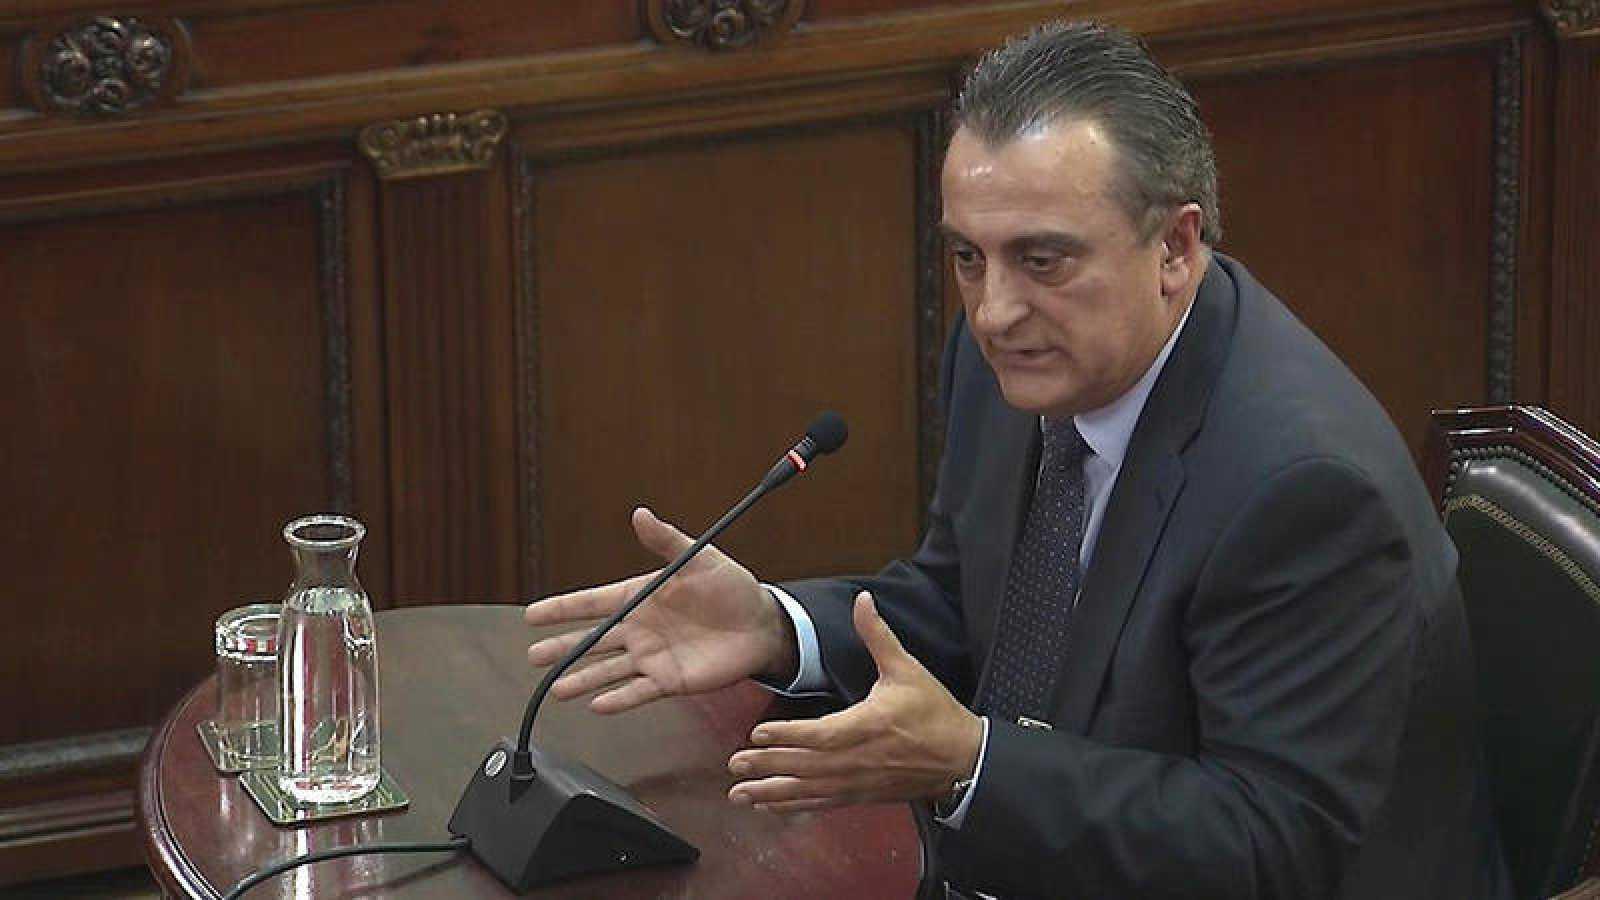 Captura de la señal institucional del Tribunal Supremo del comisario Manel Castellví, exjefe de Información de los Mossos d'Esquadra. Efe